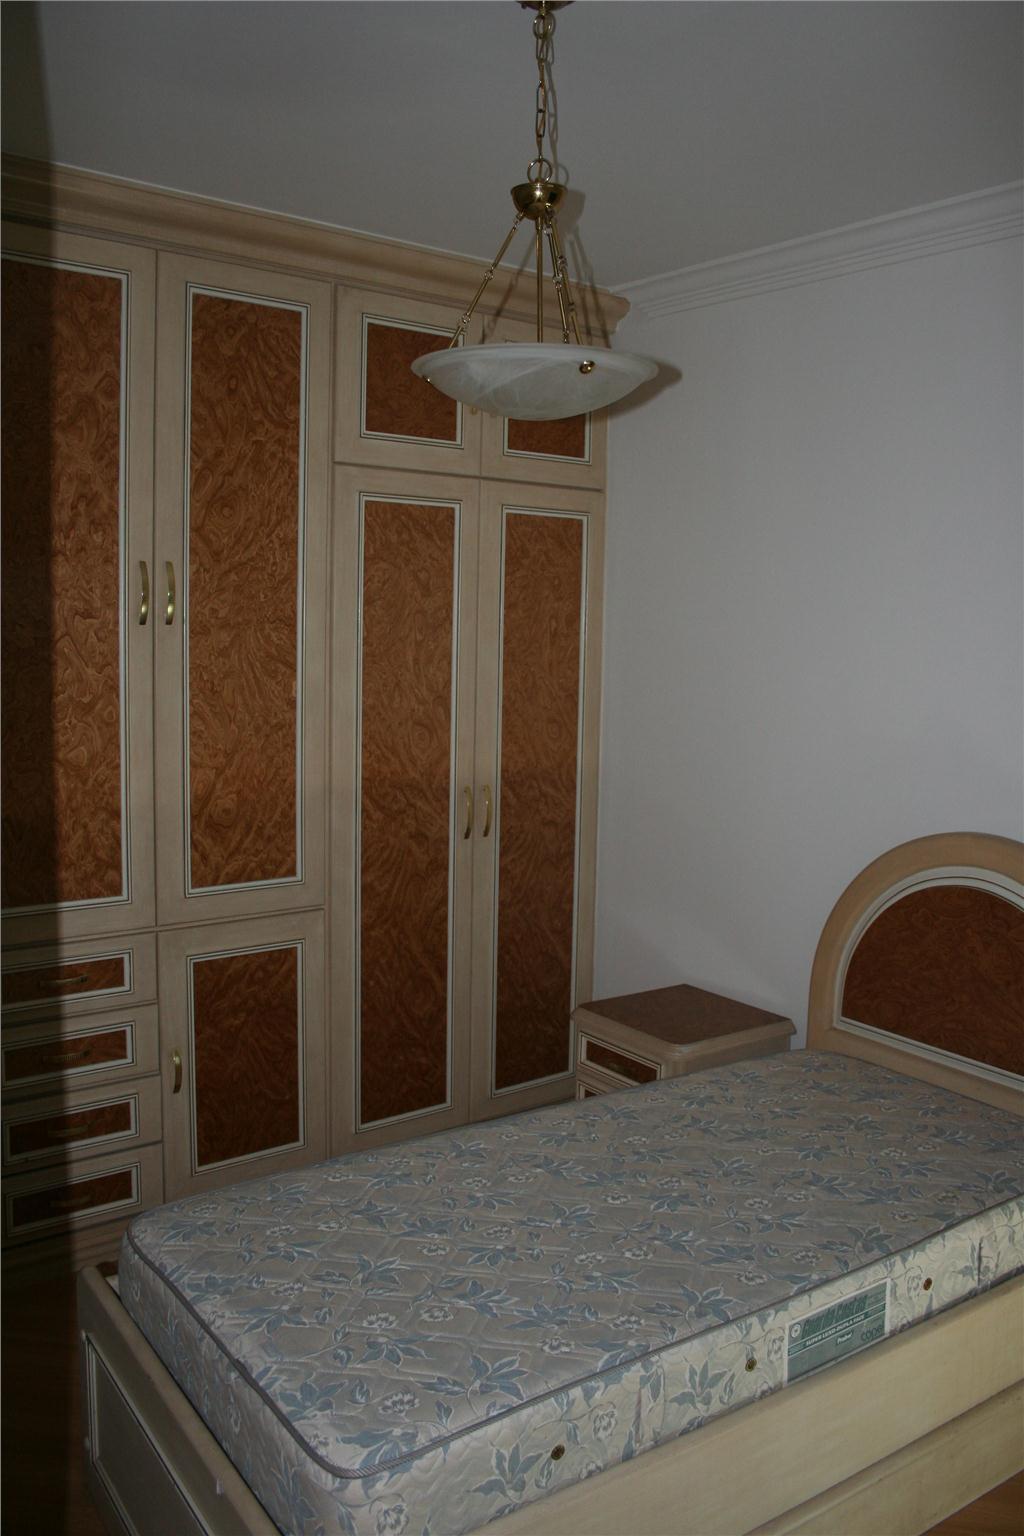 Apto 3 Dorm, Morumbi, São Paulo (1329225) - Foto 6